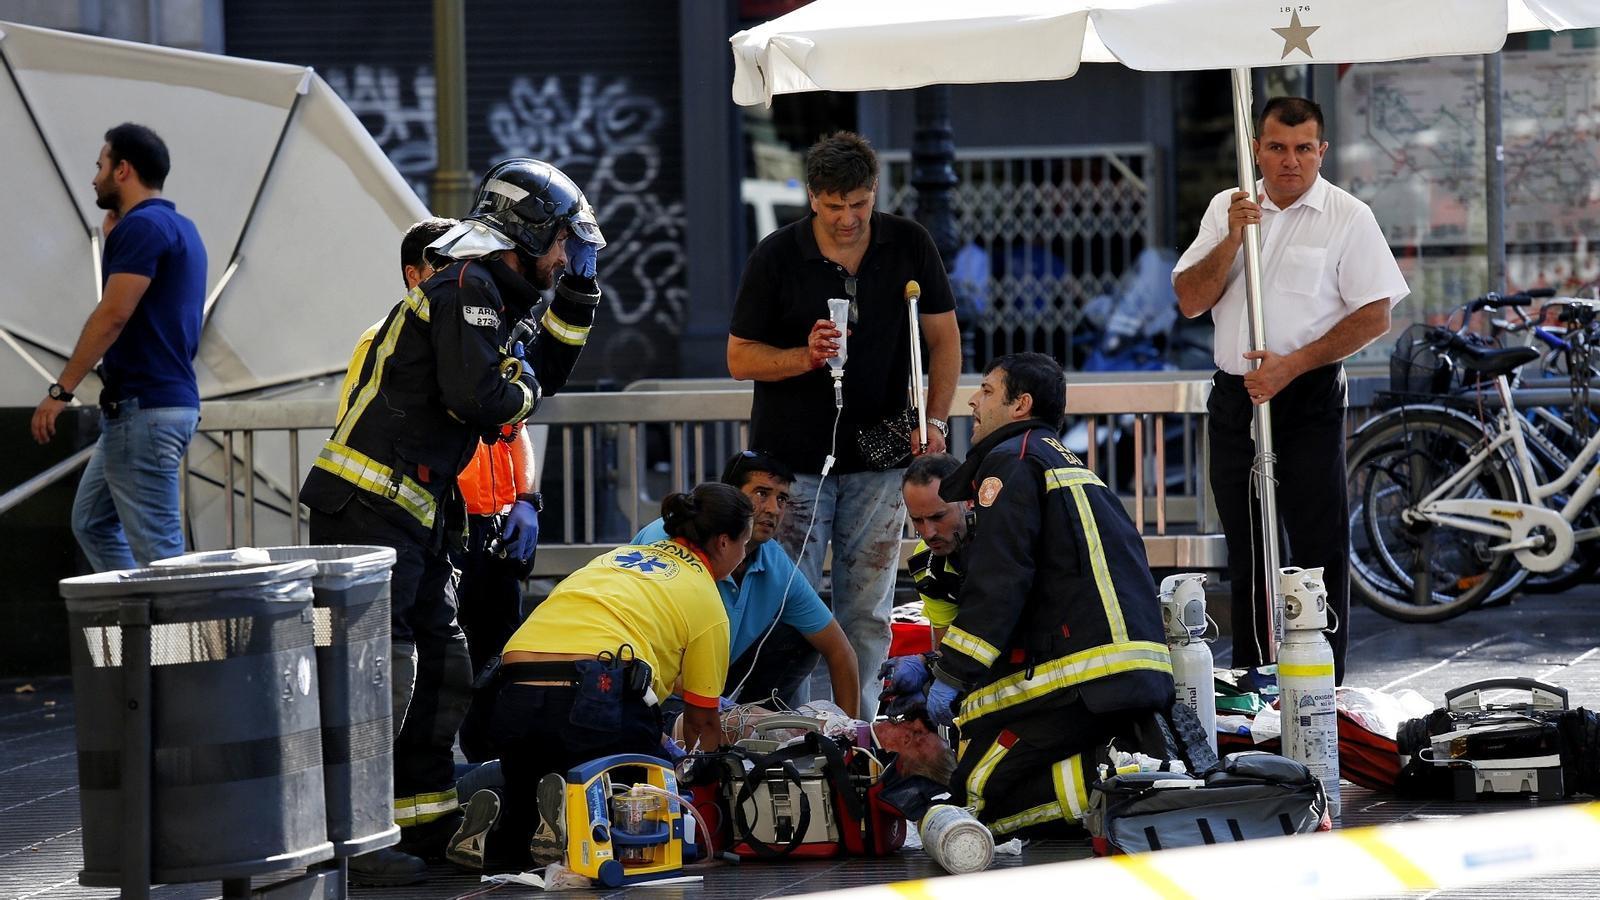 TV3, la cadena més respectuosa amb les víctimes de l'atemptat de Barcelona, segons el CAC